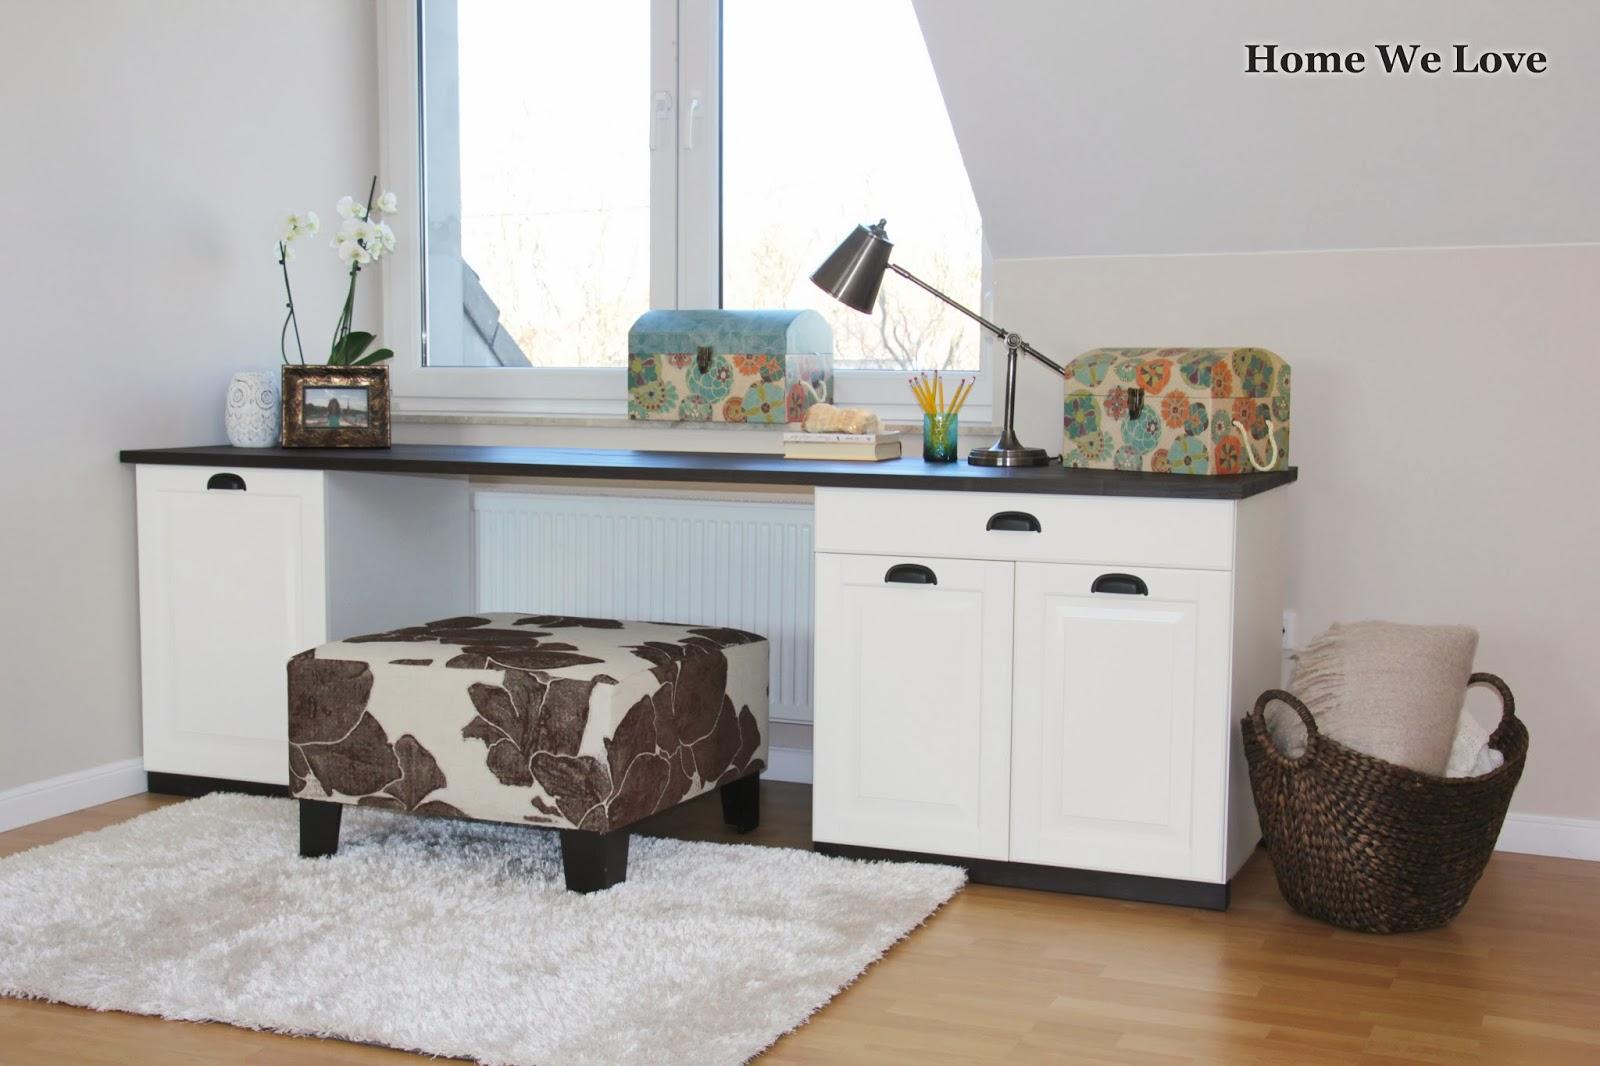 Home We Love Biurko z szafek IKEA   DIY.